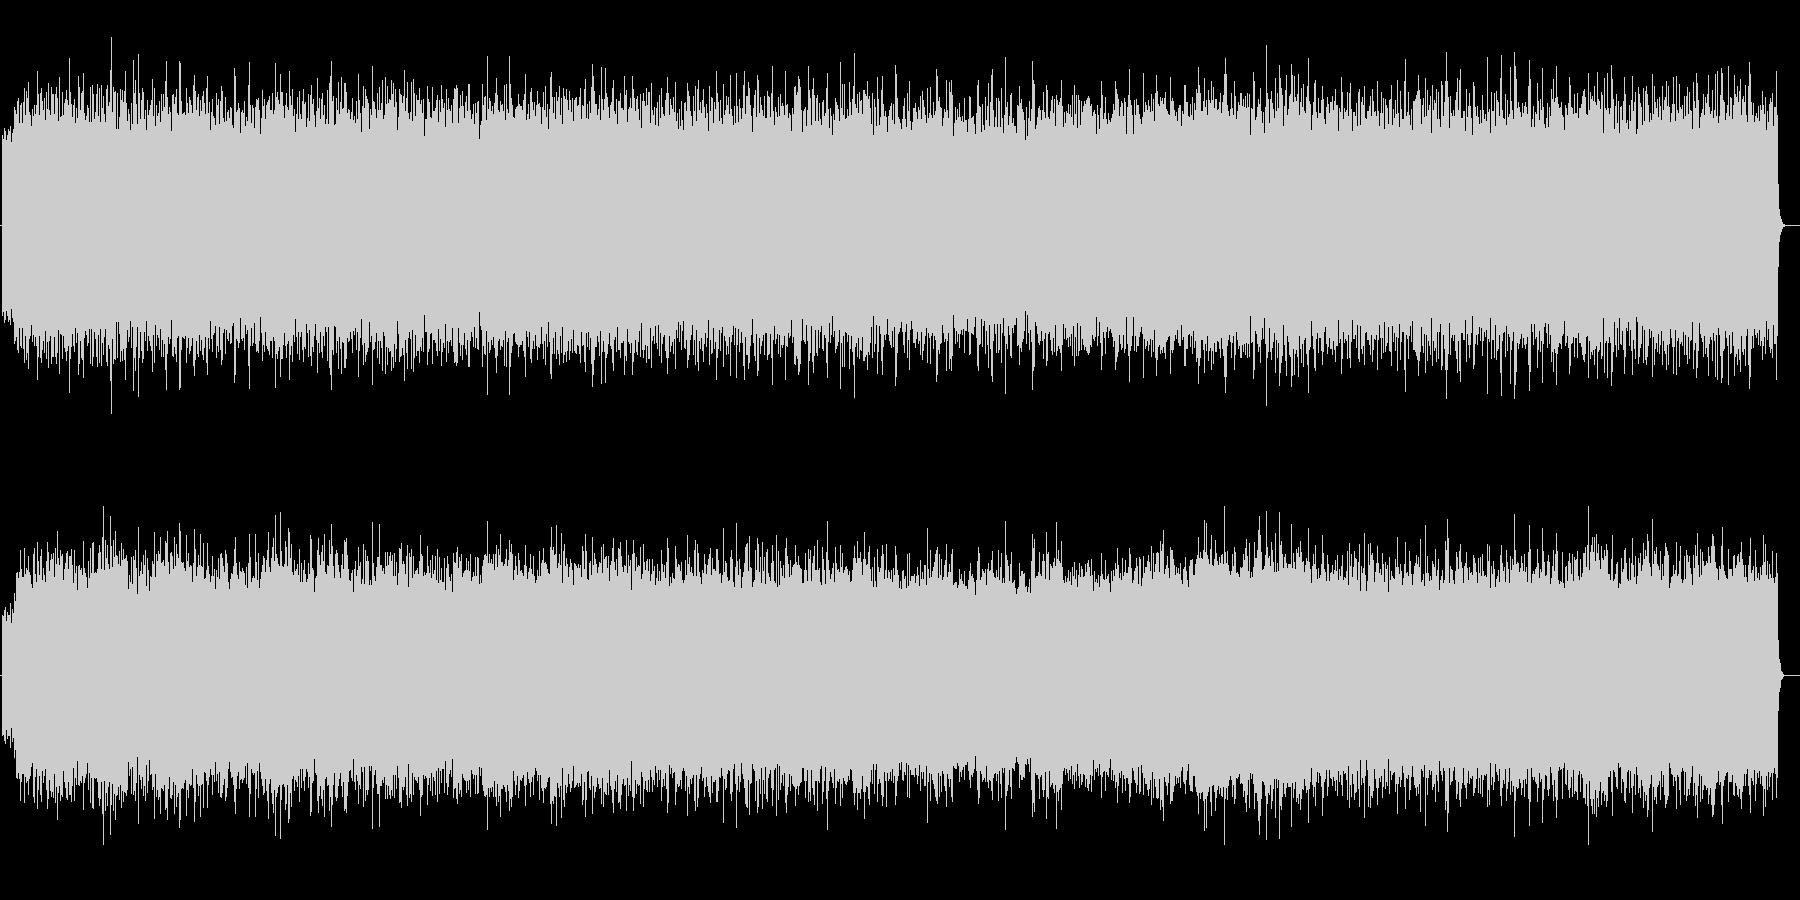 オルガンPOPステレオラブ風 SFモンドの未再生の波形